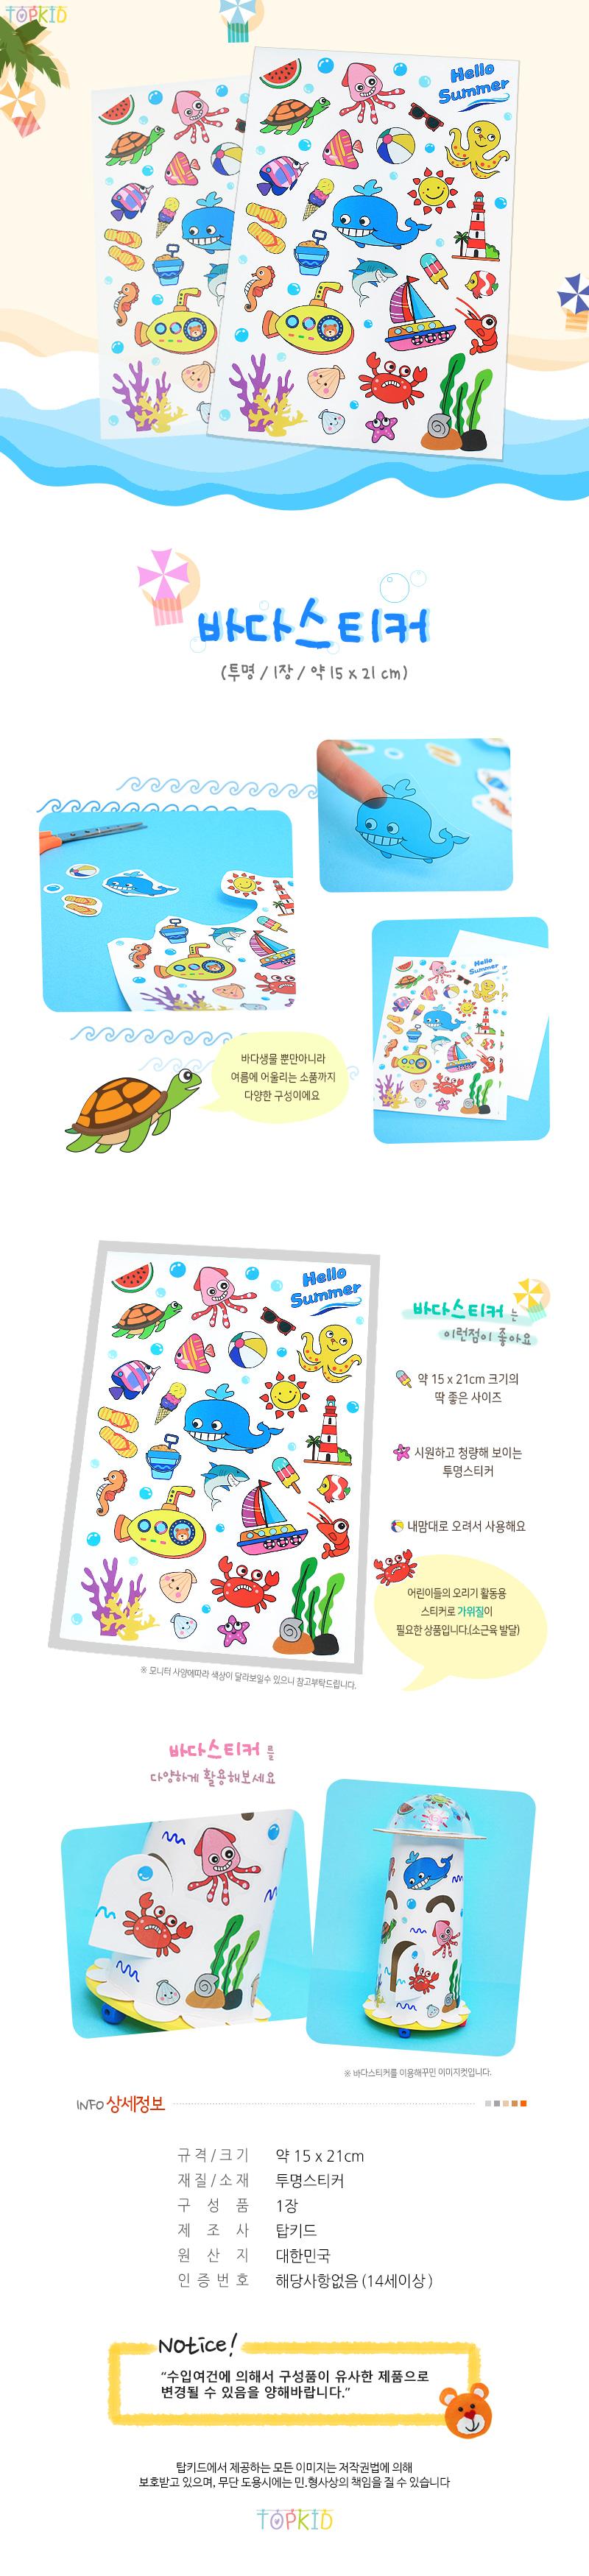 투명 바다스티커(1개) - 탑키드, 550원, 종이공예/북아트, 종이공예 패키지